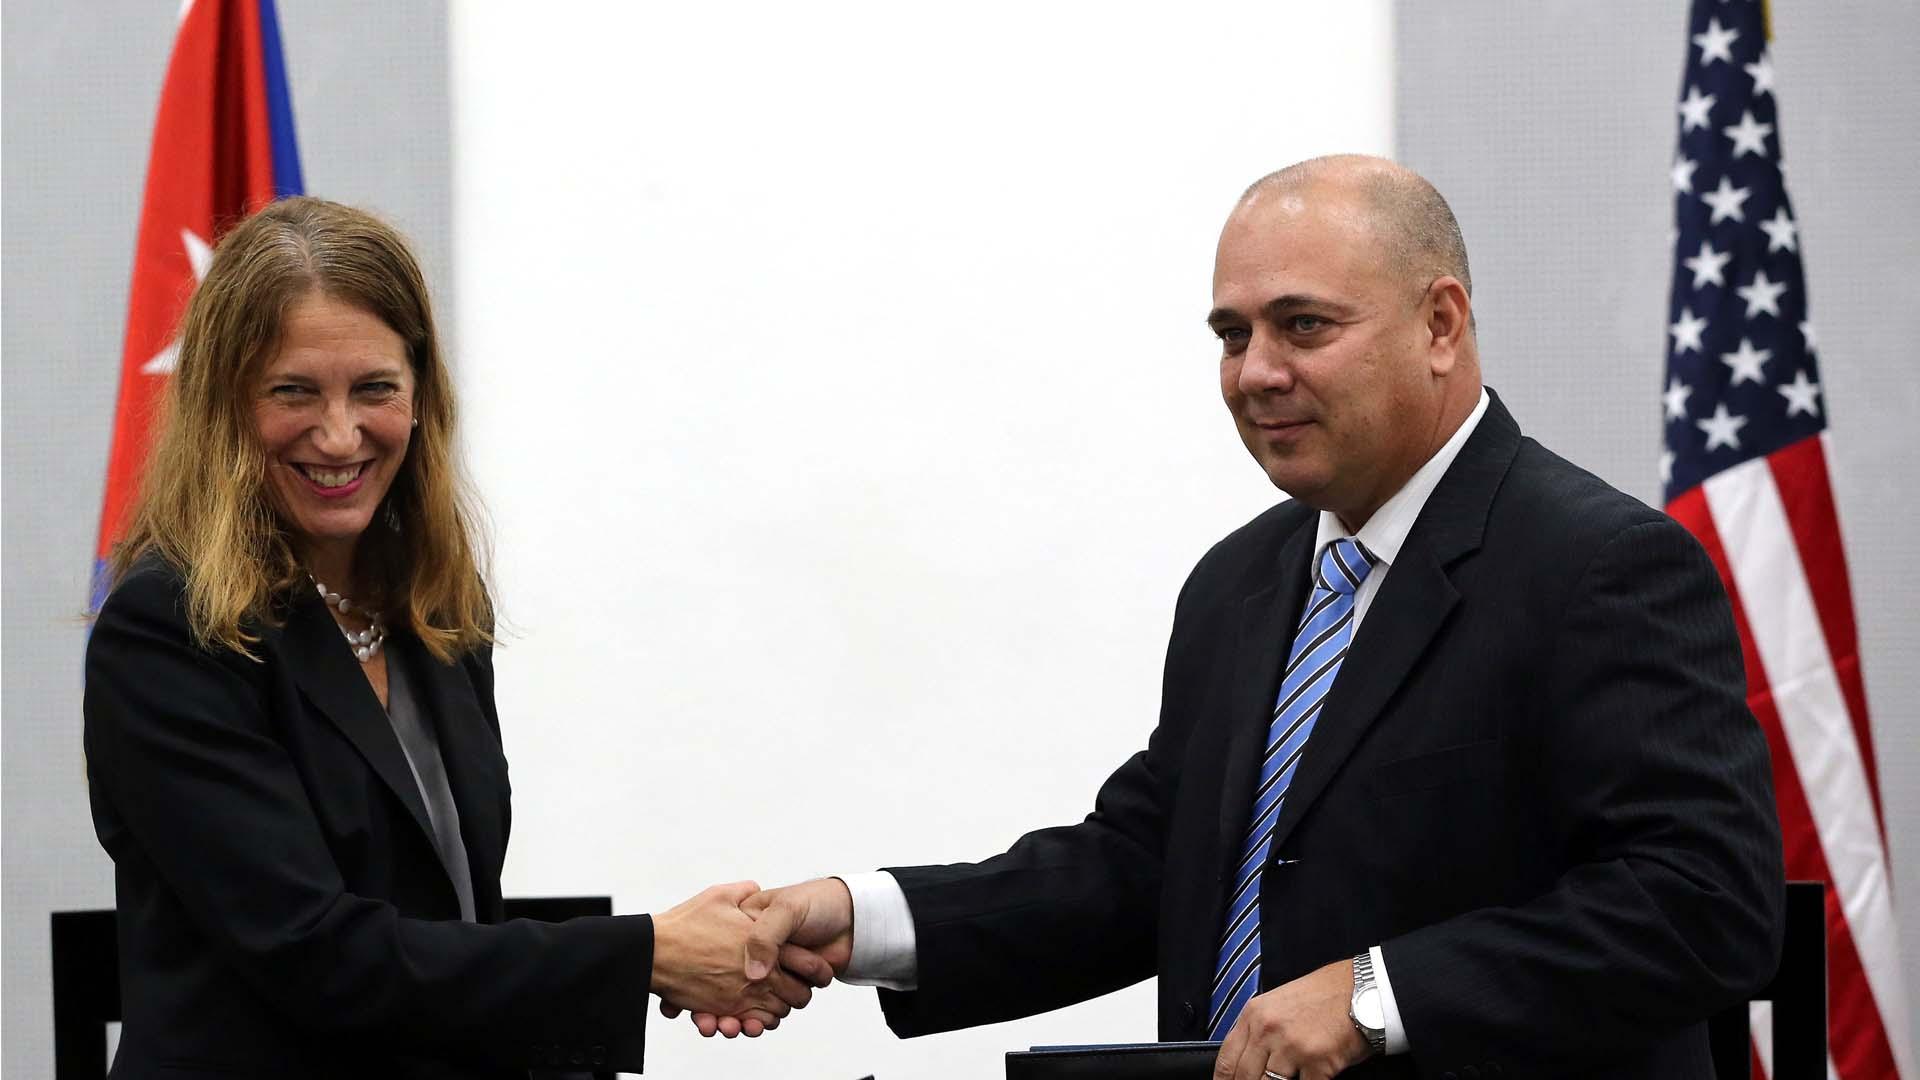 Ambos paises firmaron un acuerdo de cooperación en el control, evaluación e investigación de esta enfermedad